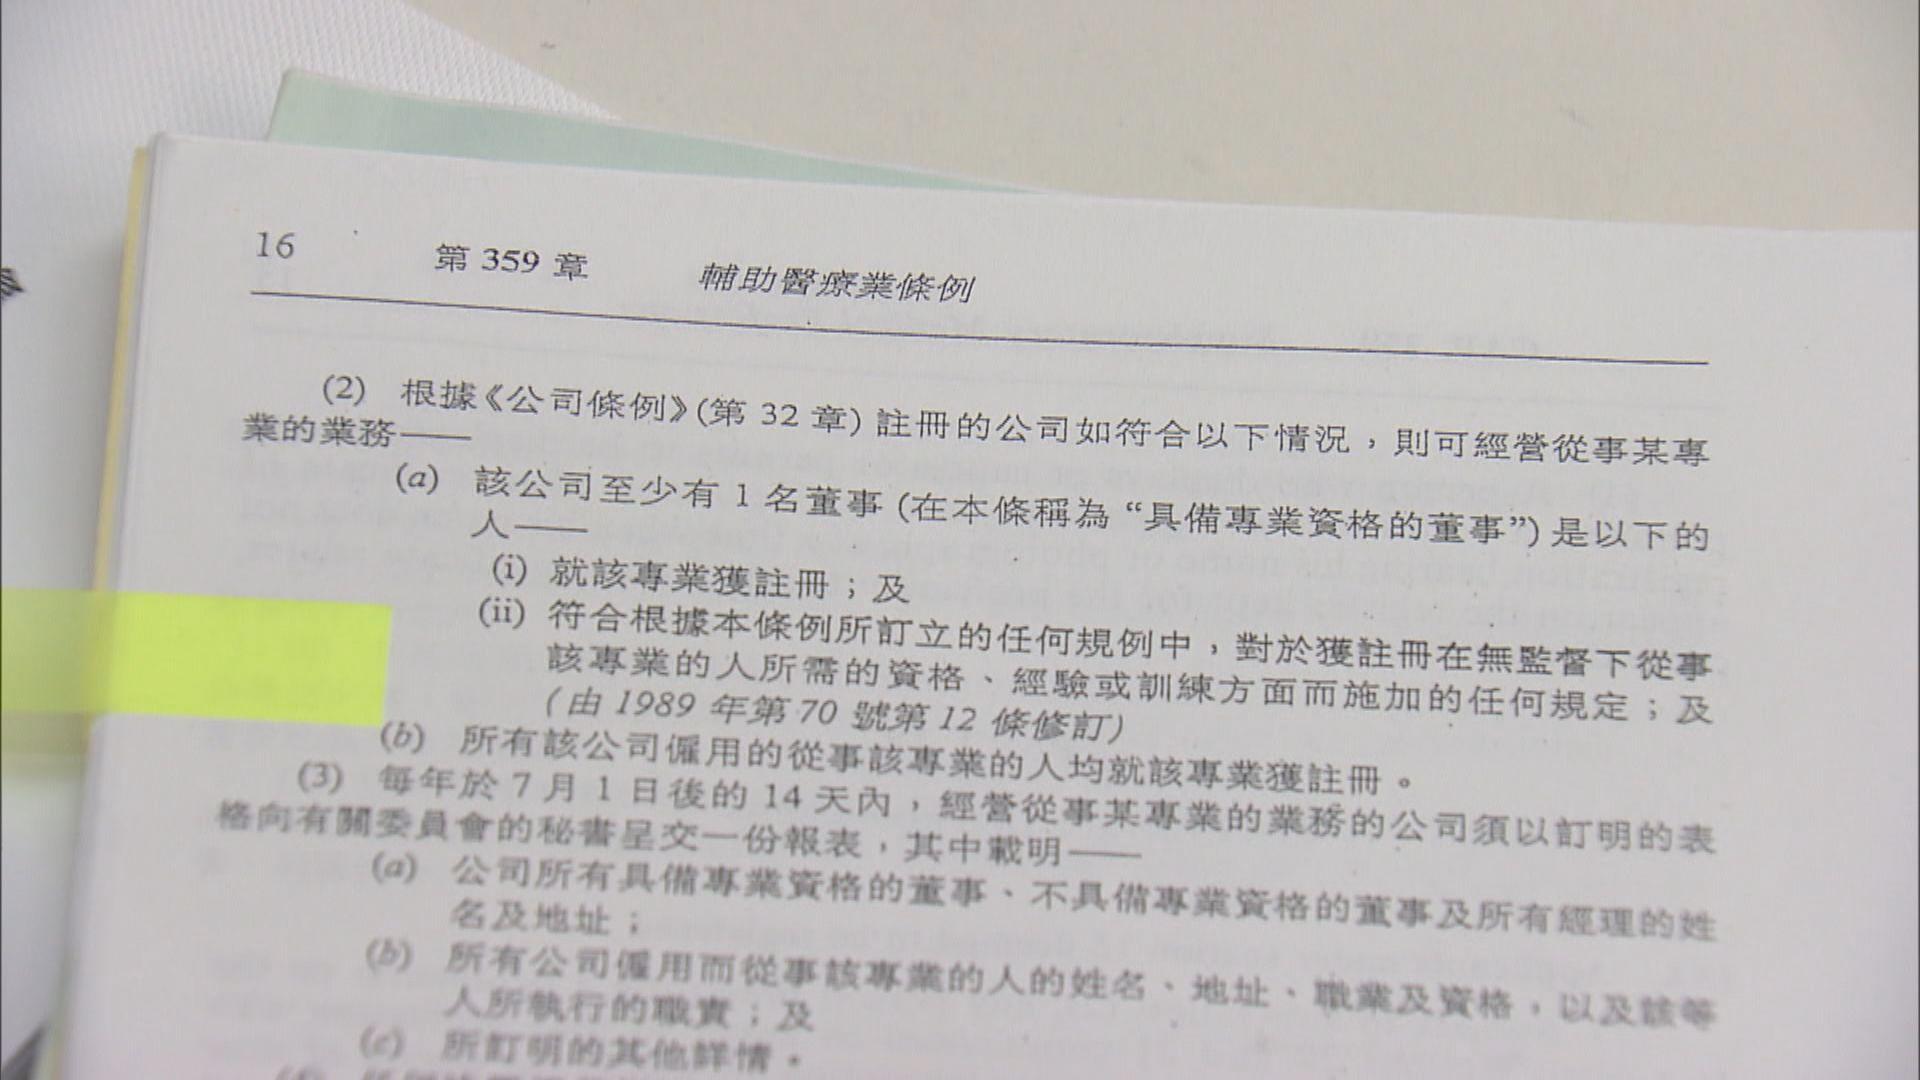 醫學化驗所總會料內地人員以助理形式分擔檢測工序